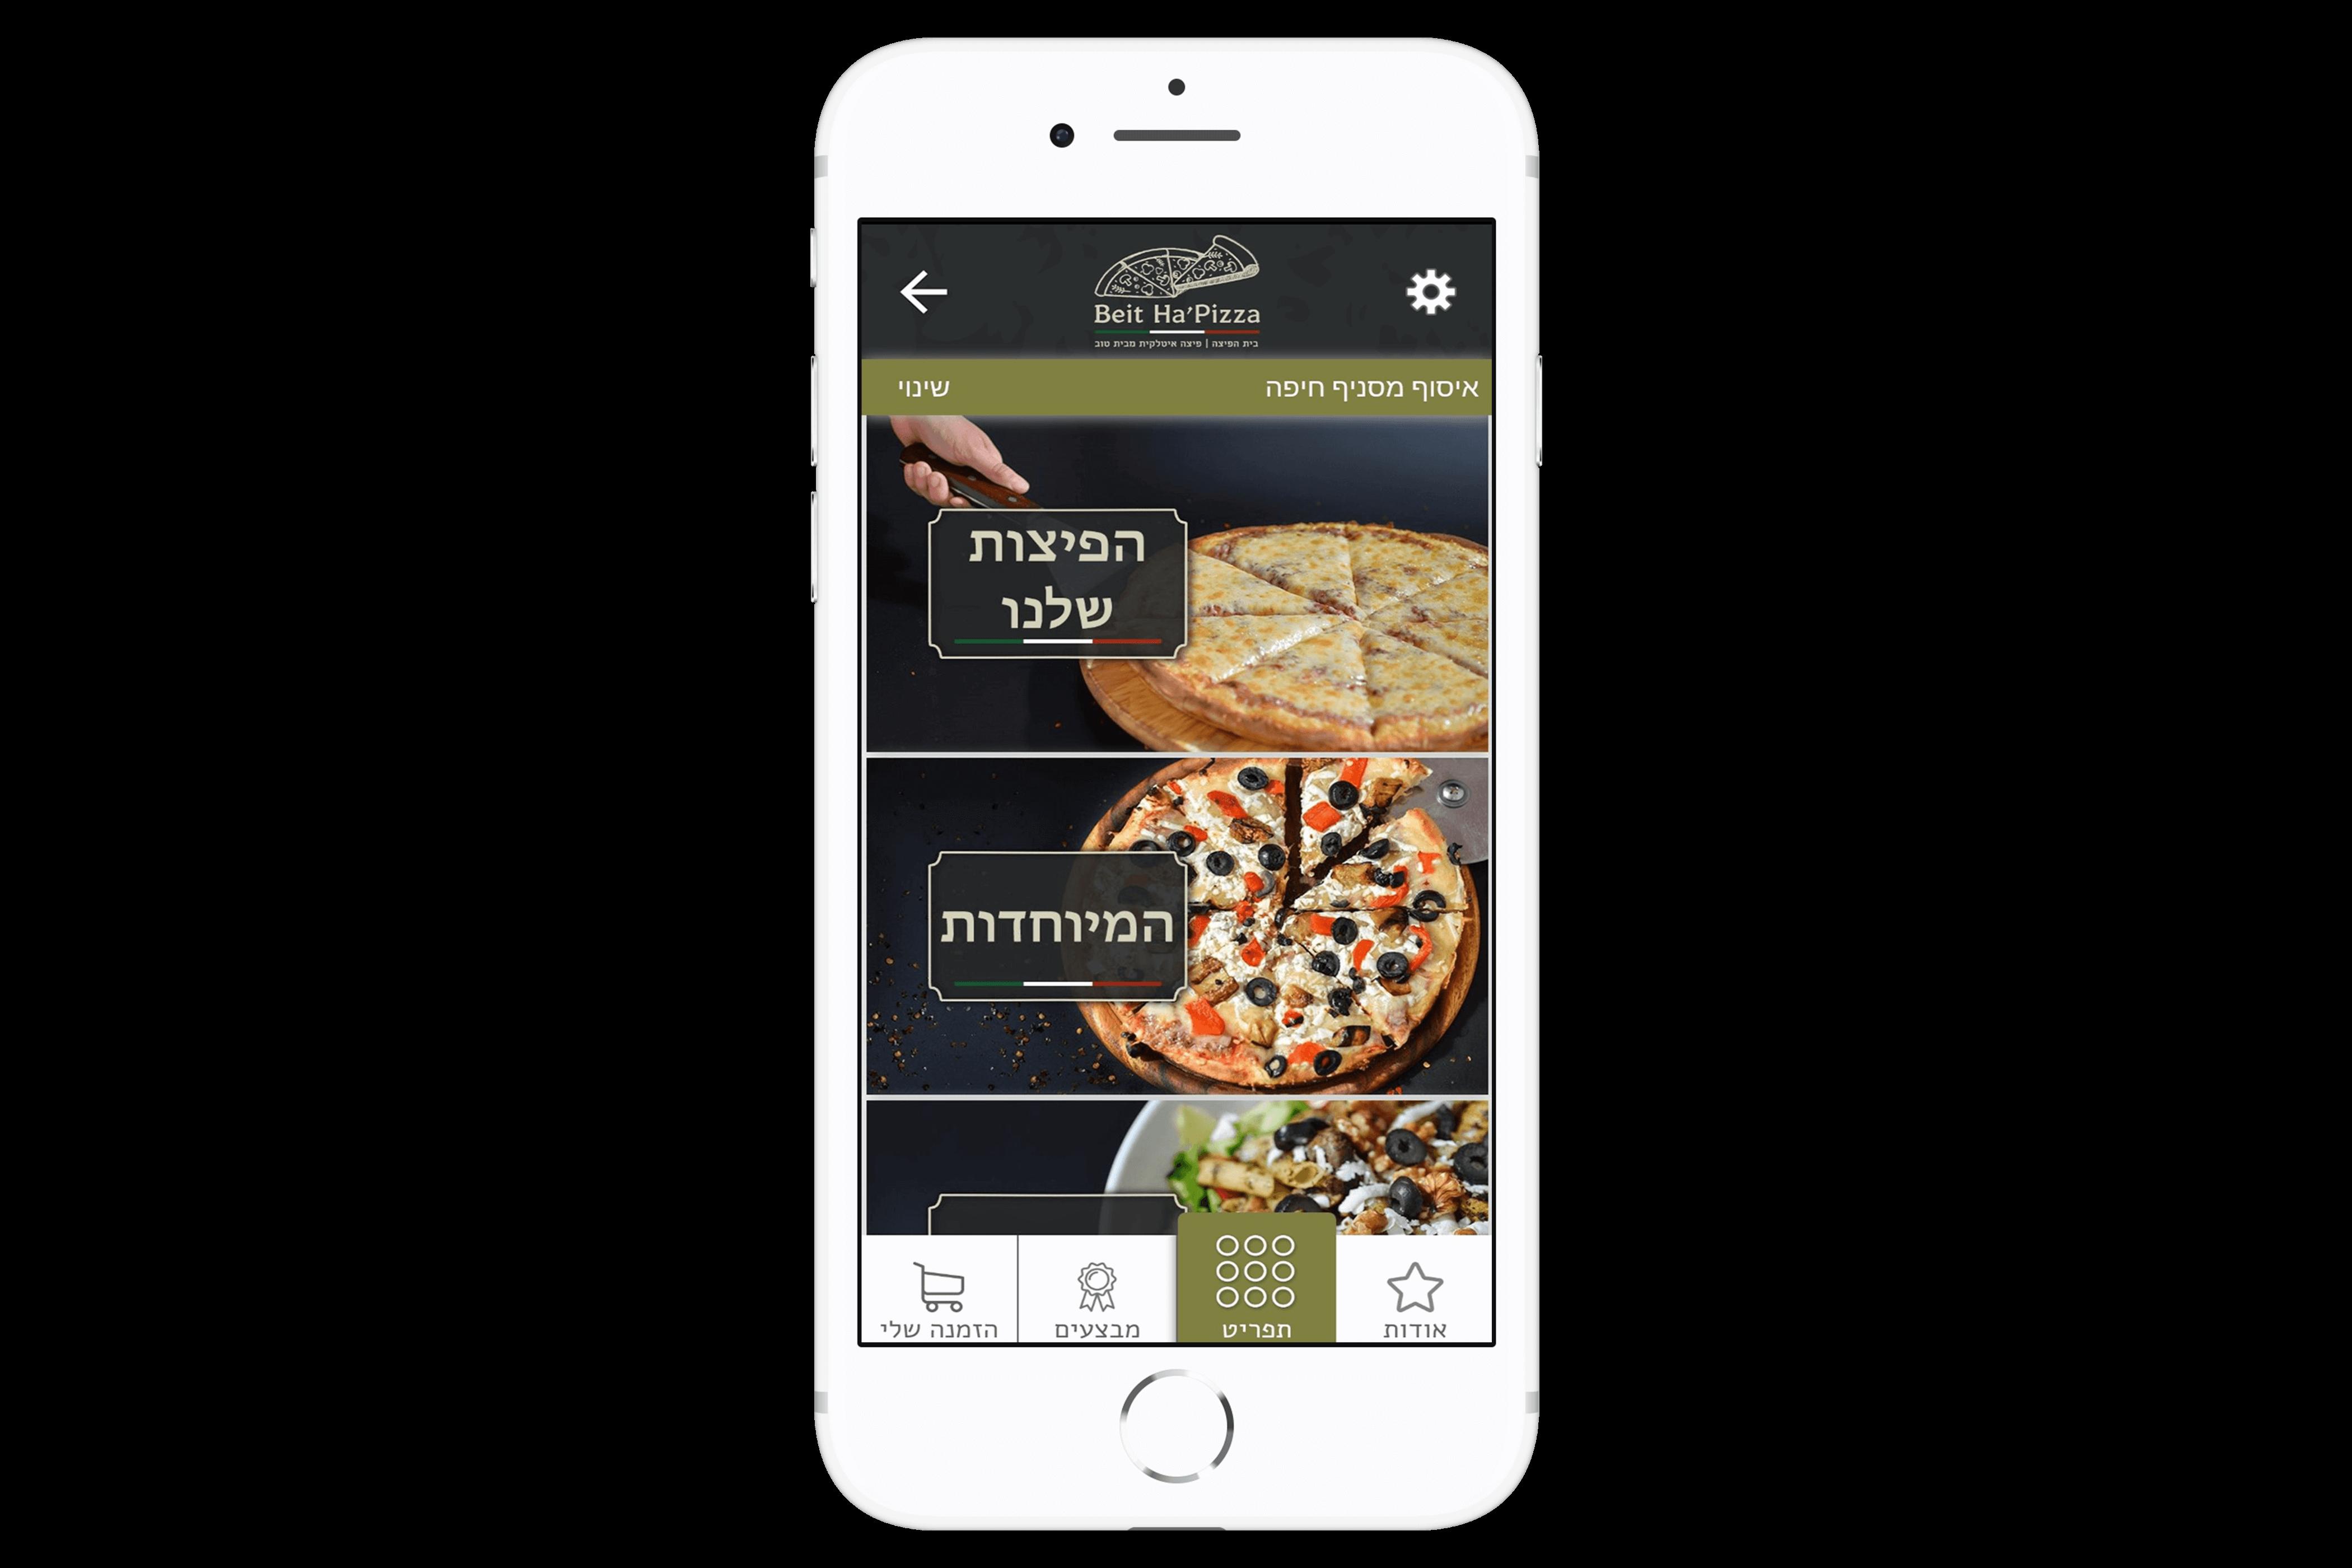 אפליקציית הזמנות של בית הפיצה מבין הלקוחות שלנו